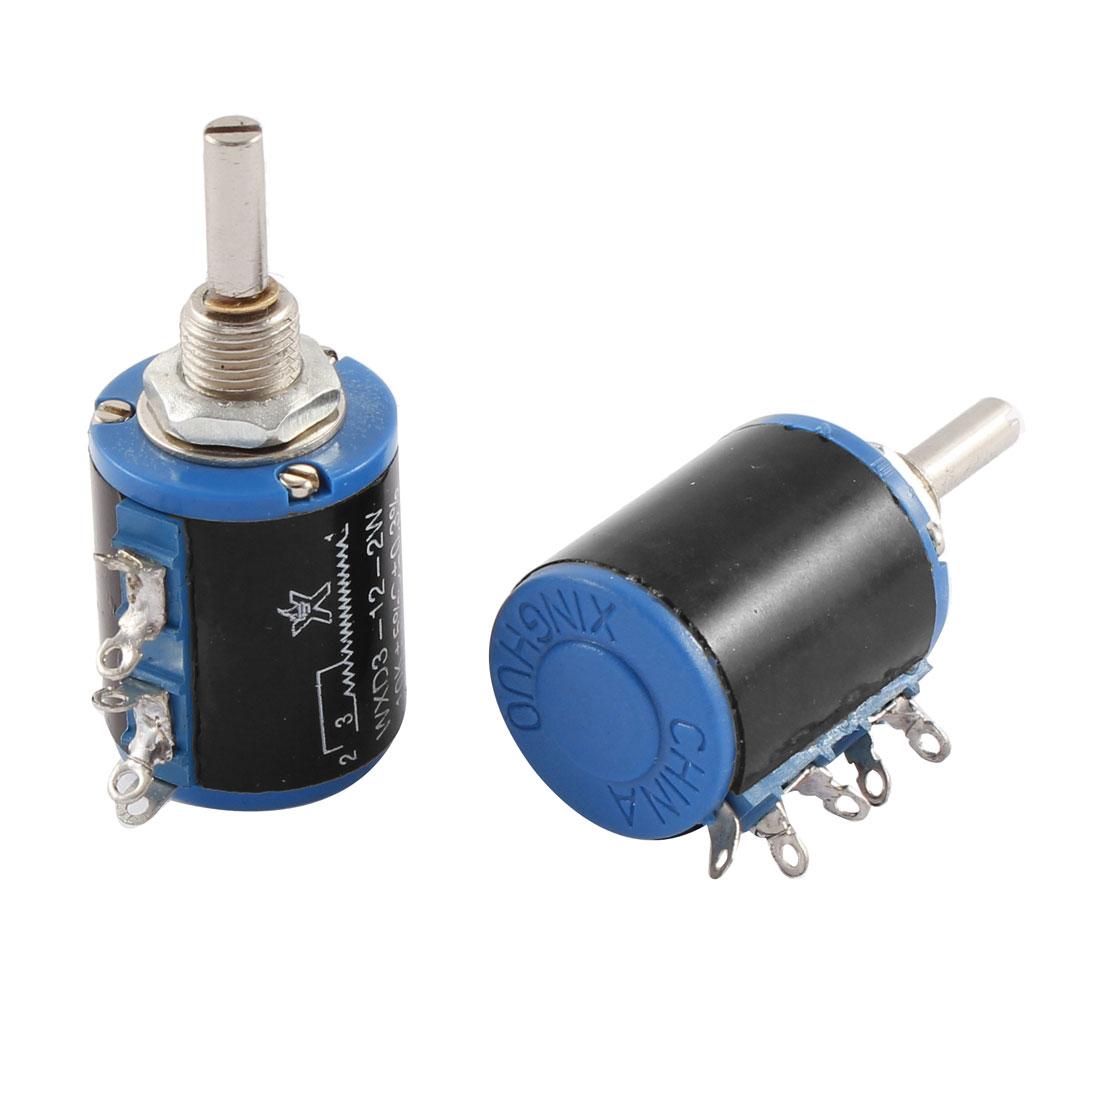 2 Pcs WXD3-12 2W 10K ohm Multi Turn Wire Wound Potentiometers Pots